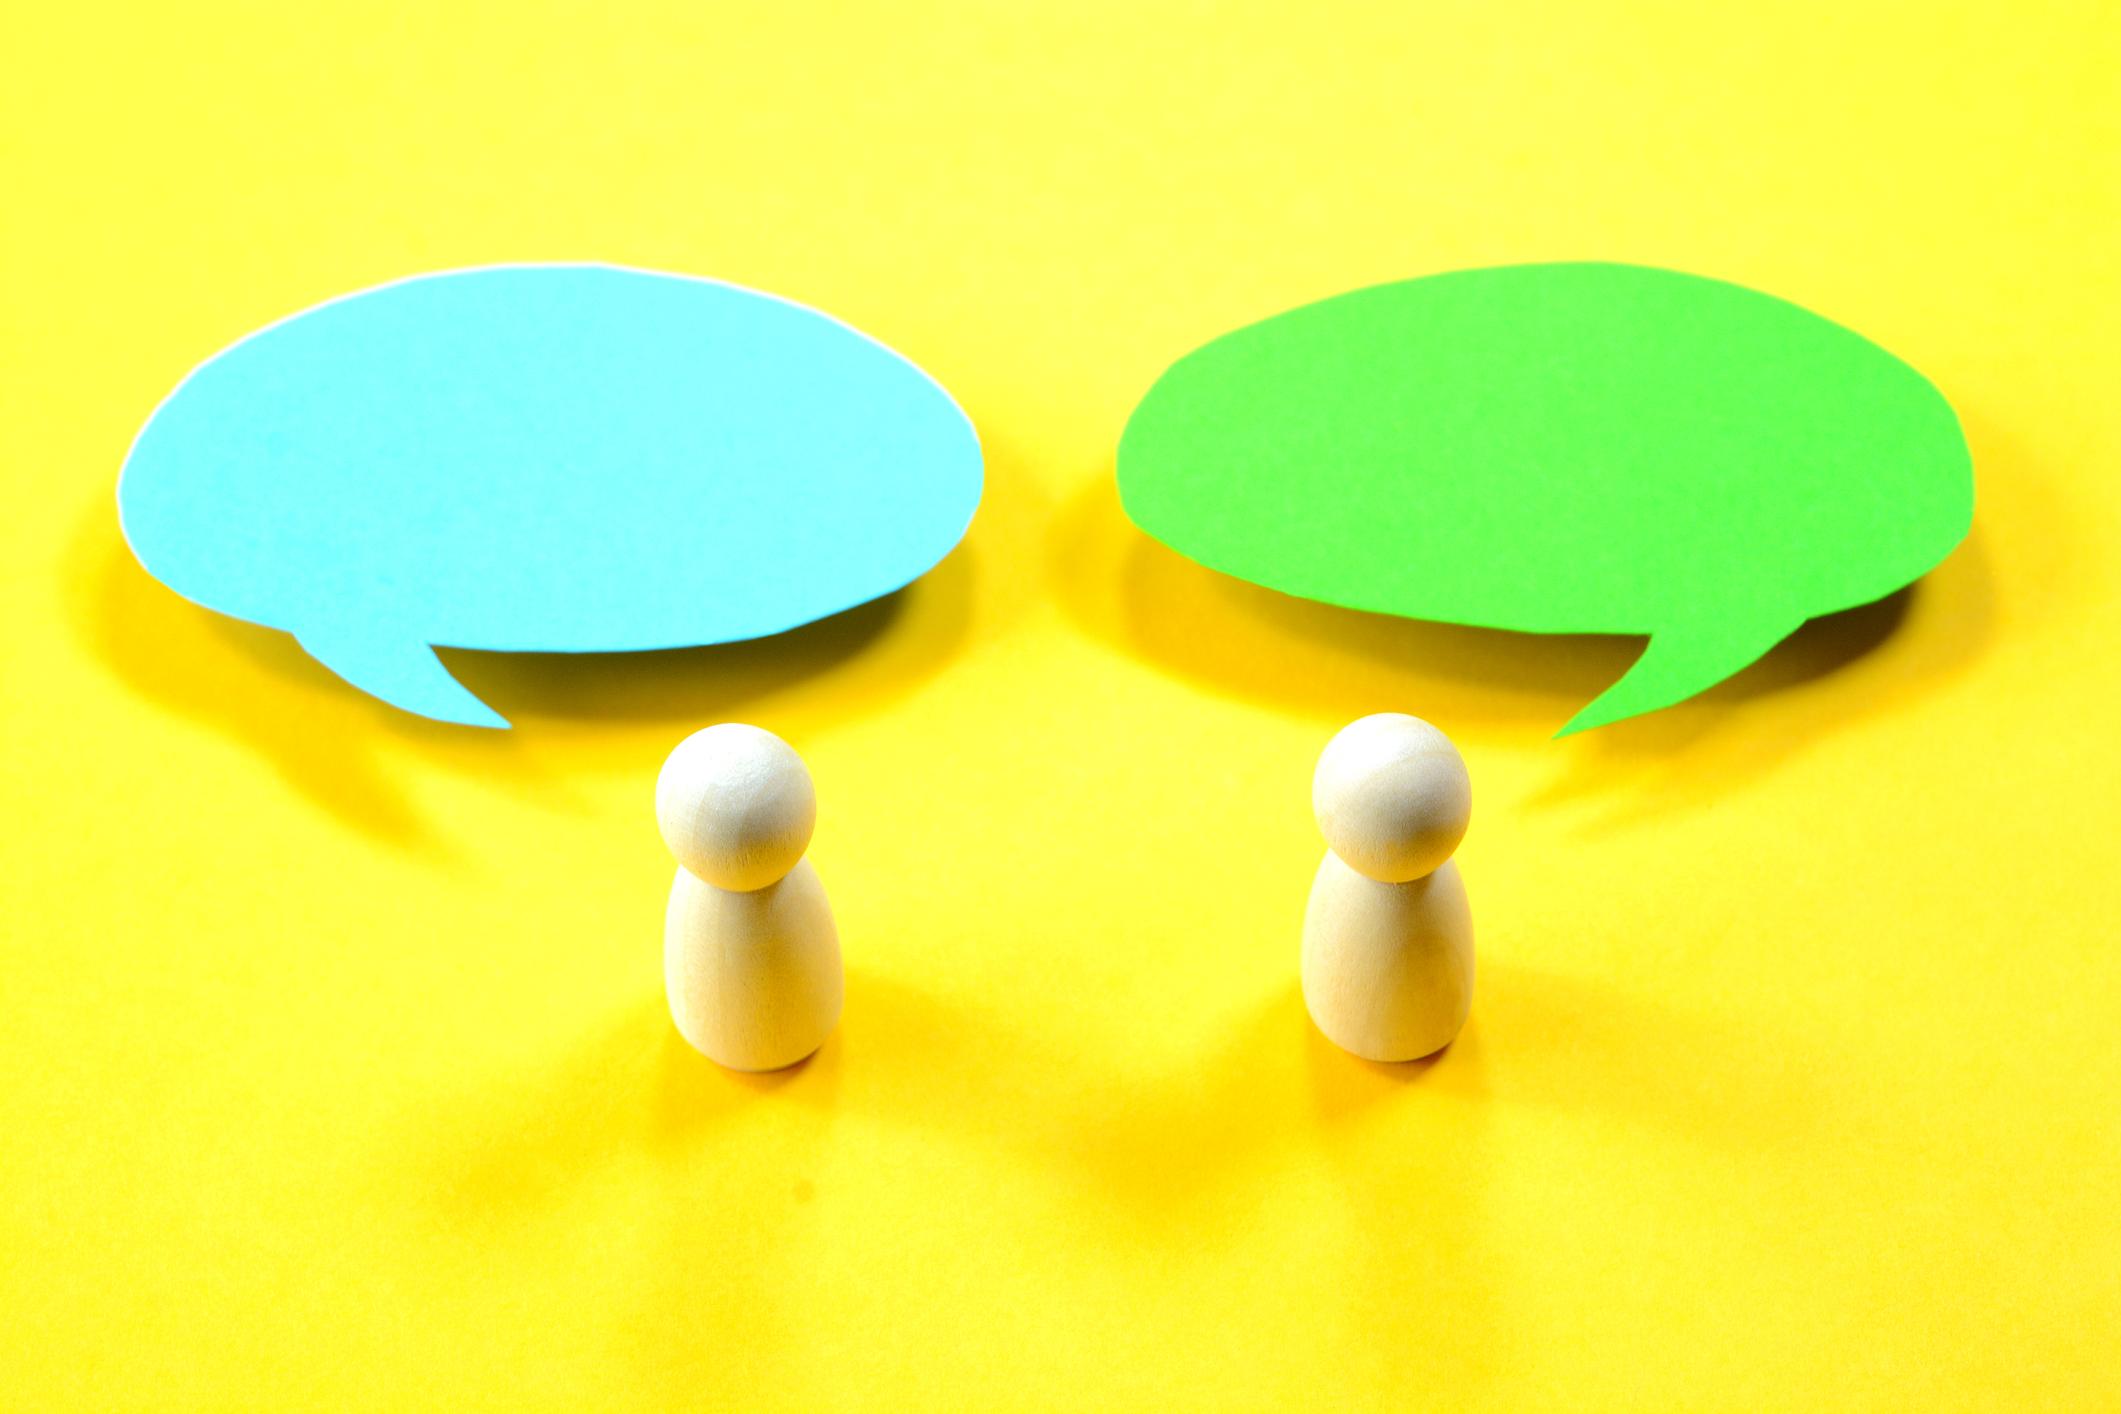 Manchmal ist es nicht einfach, Menschen von einer anderen Meinung zu überzeugen.